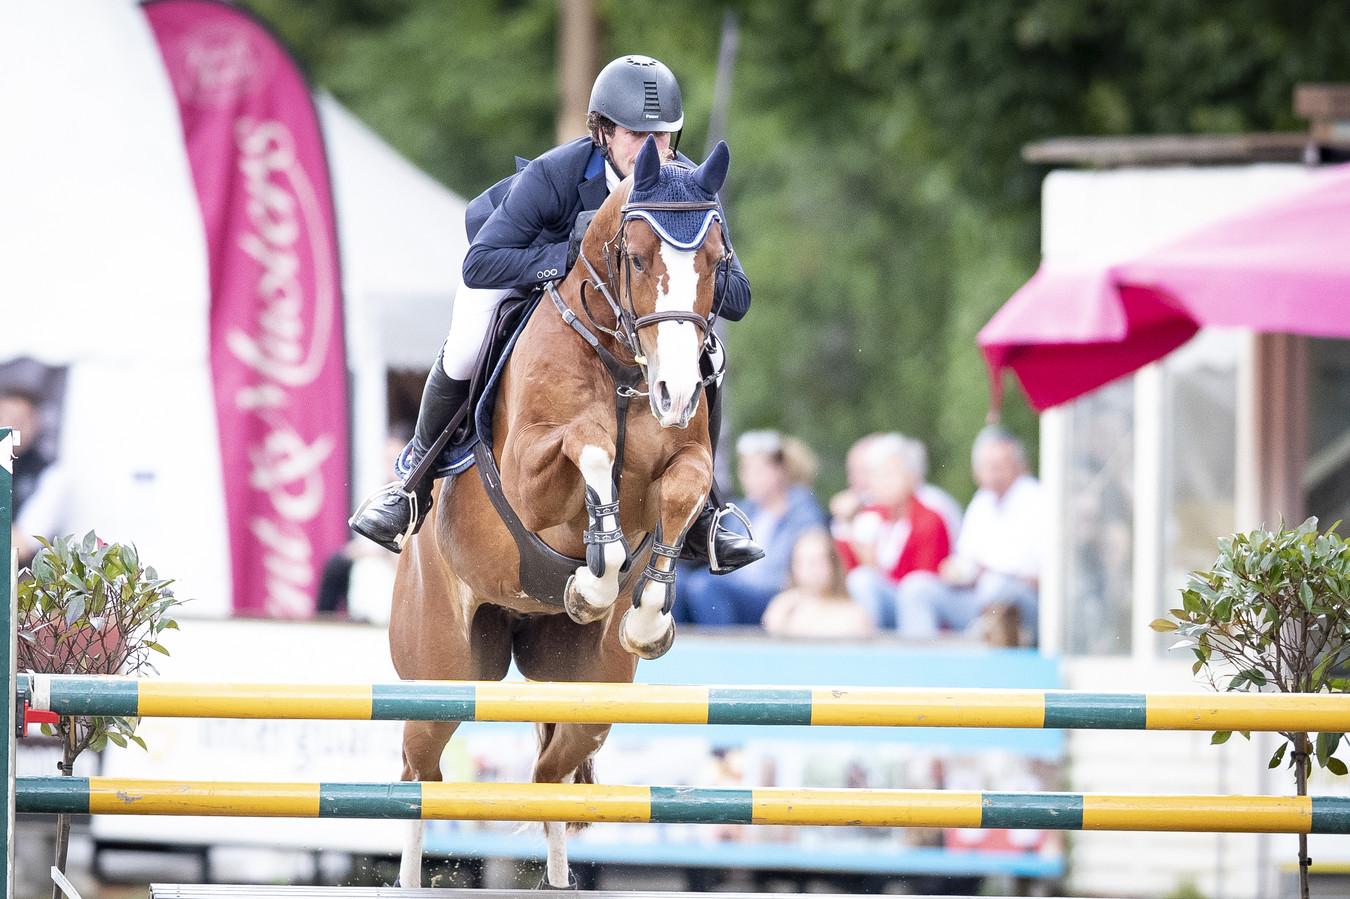 Pim Mulder in actie met zijn paard in betere tijden, de editie van de Almelose Ruiterdagen in 2019.